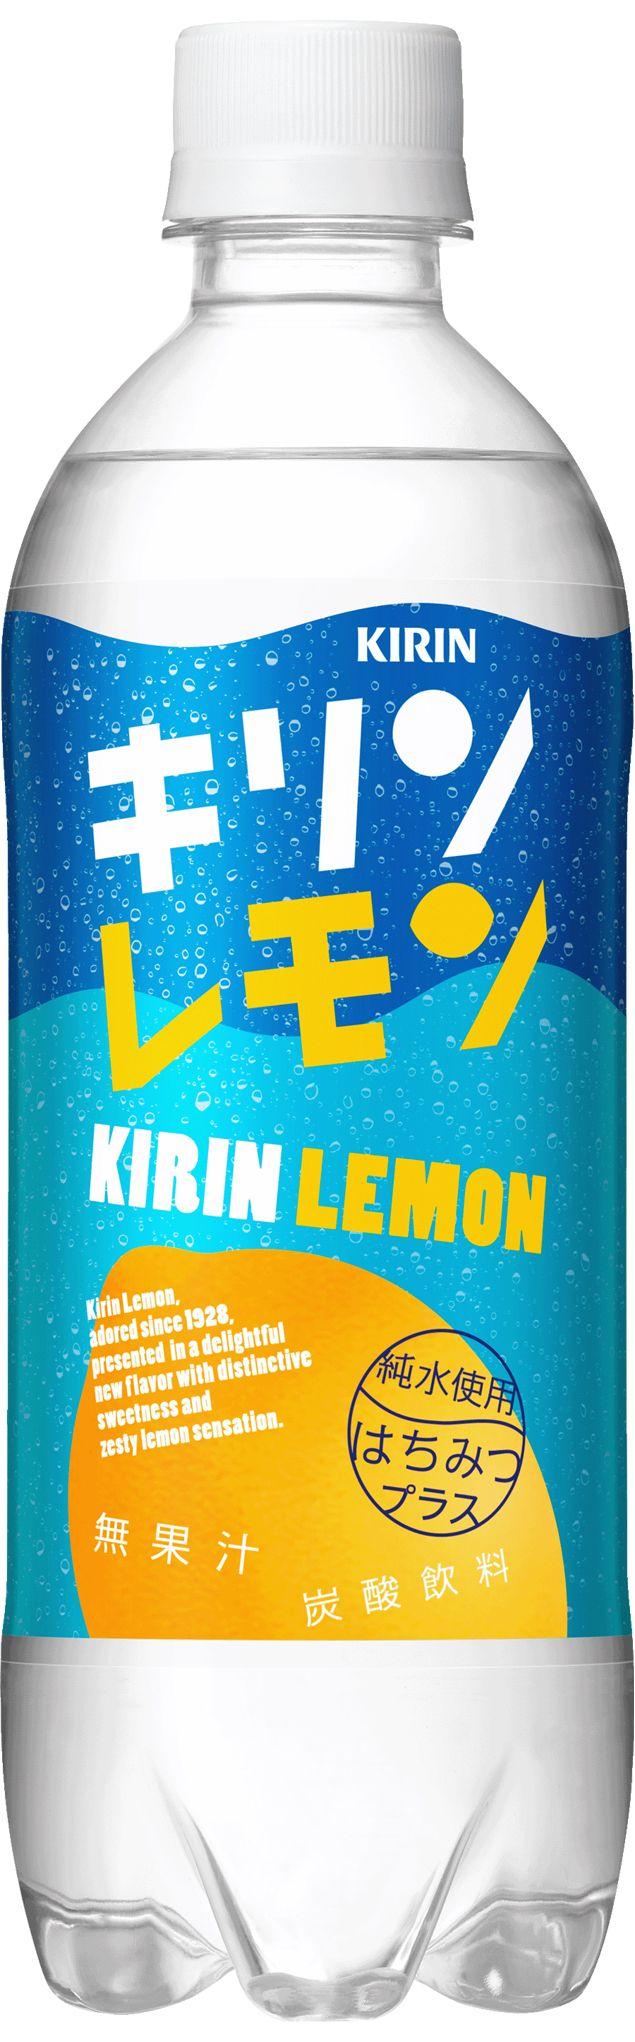 キリンレモン - Google 検索